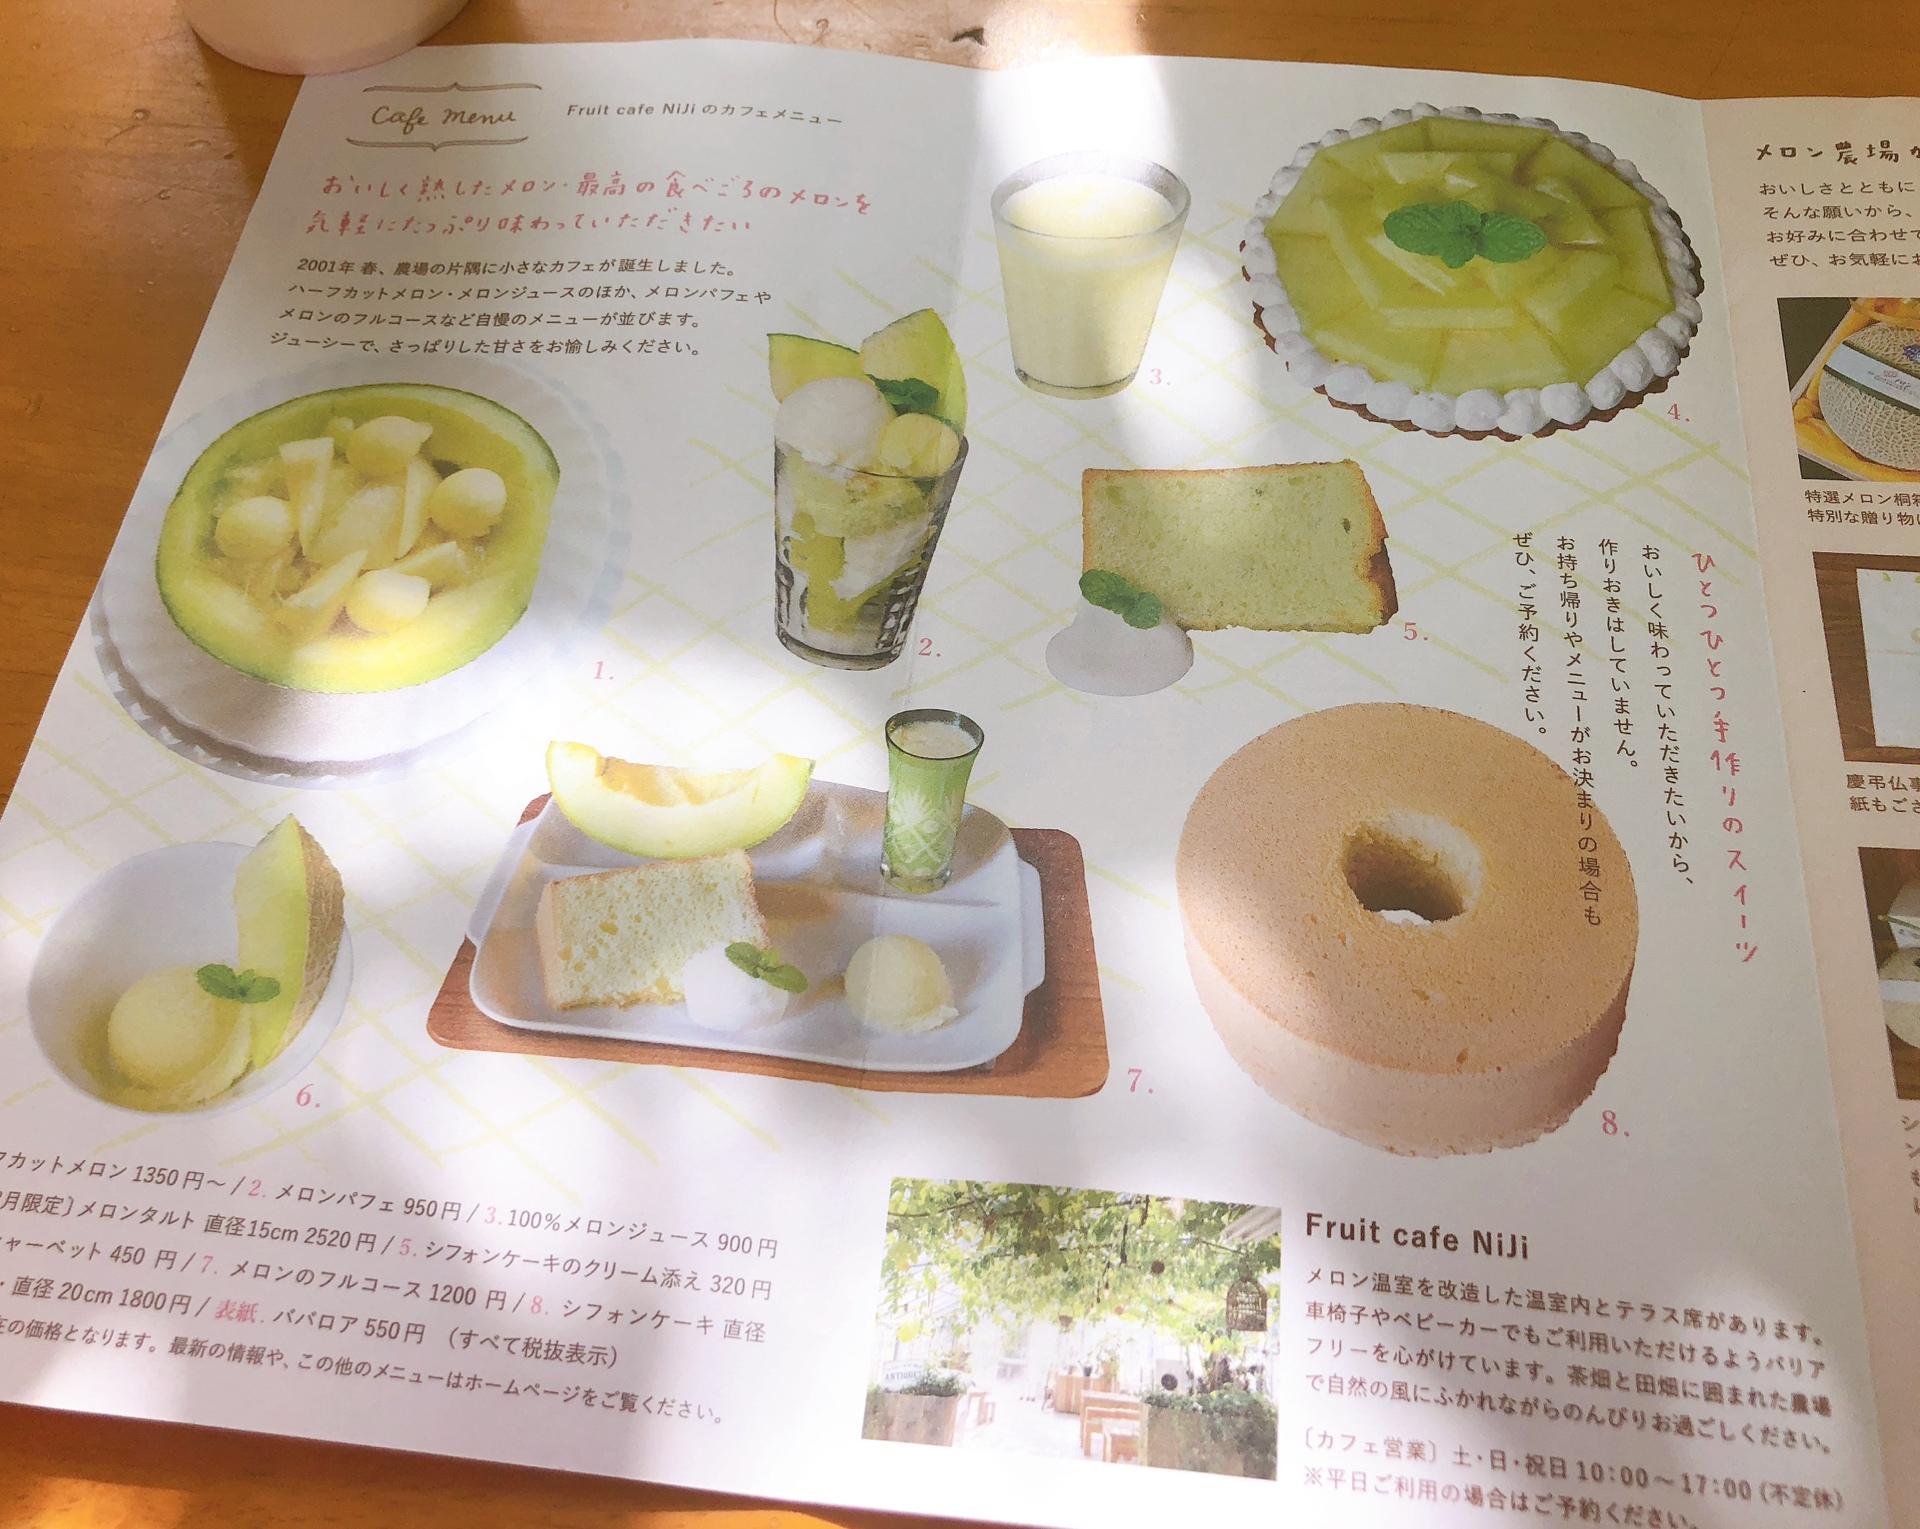 【#静岡】メロン農園直営❁緑に包まれたガーデンのようなカフェが魅力!甘〜いメロンをいただきました♩_10